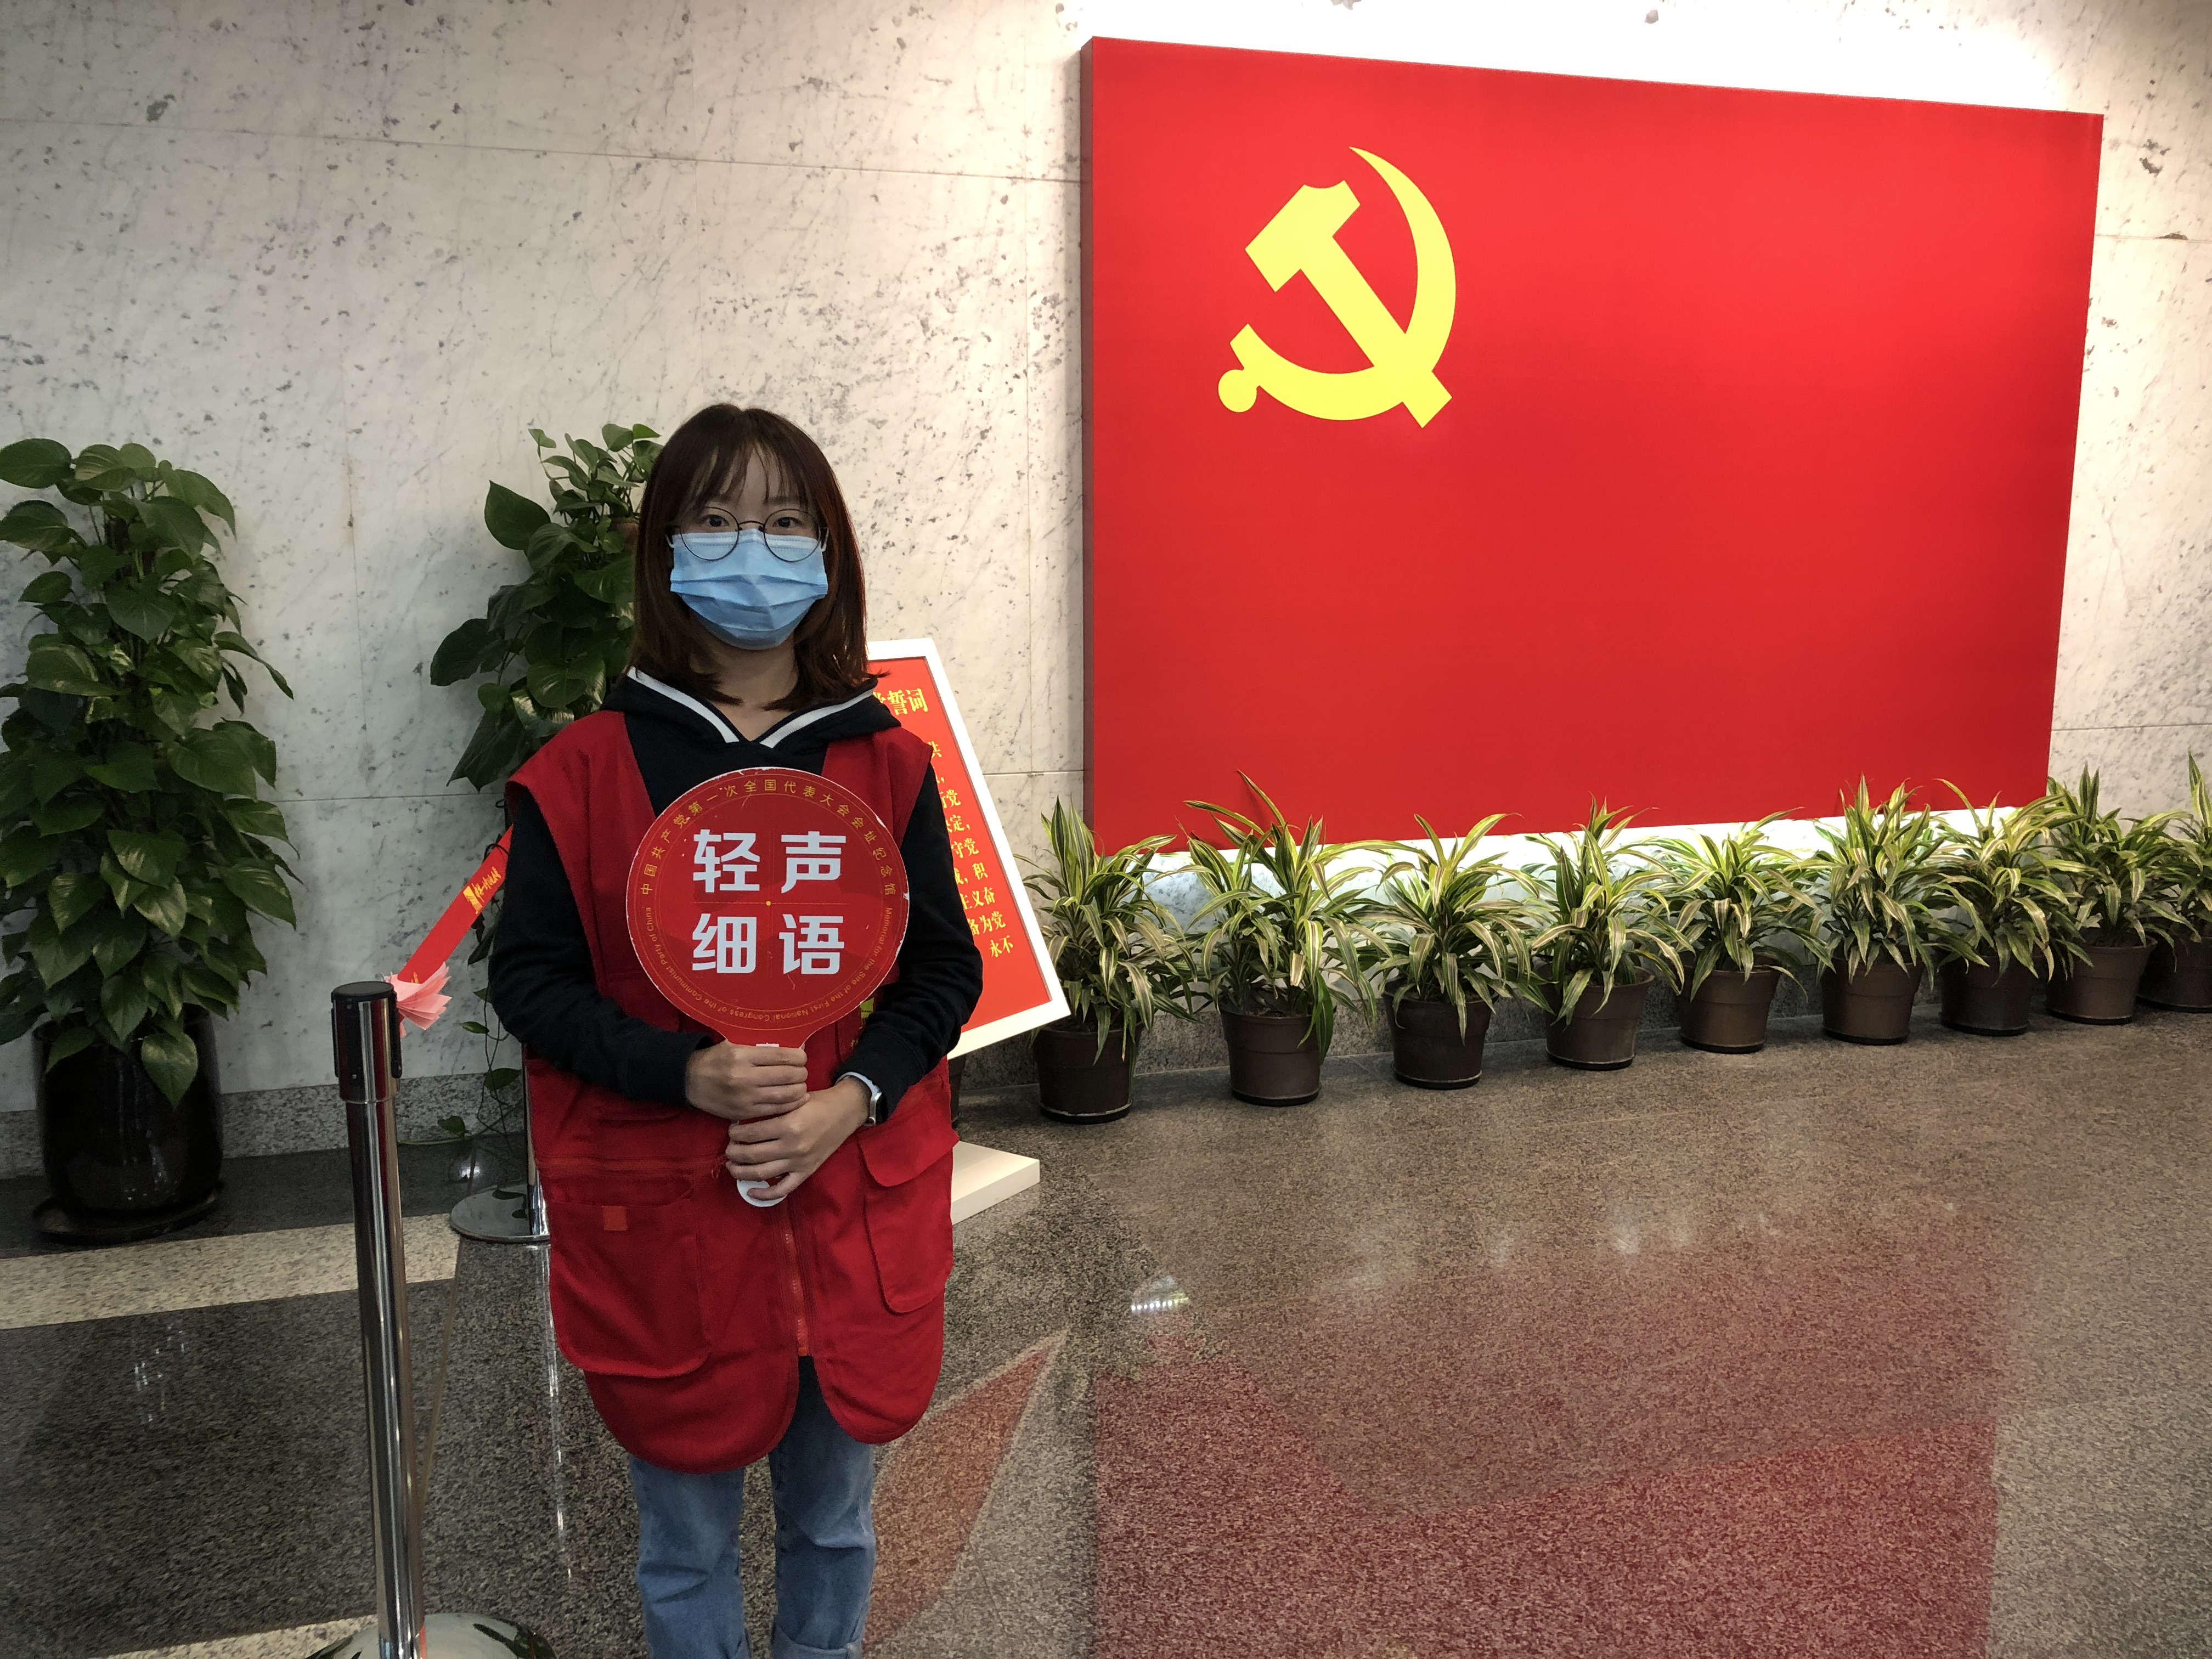 1993年出生的常俊在宣誓志愿者岗位上服务。 澎湃新闻记者 邹娟 图